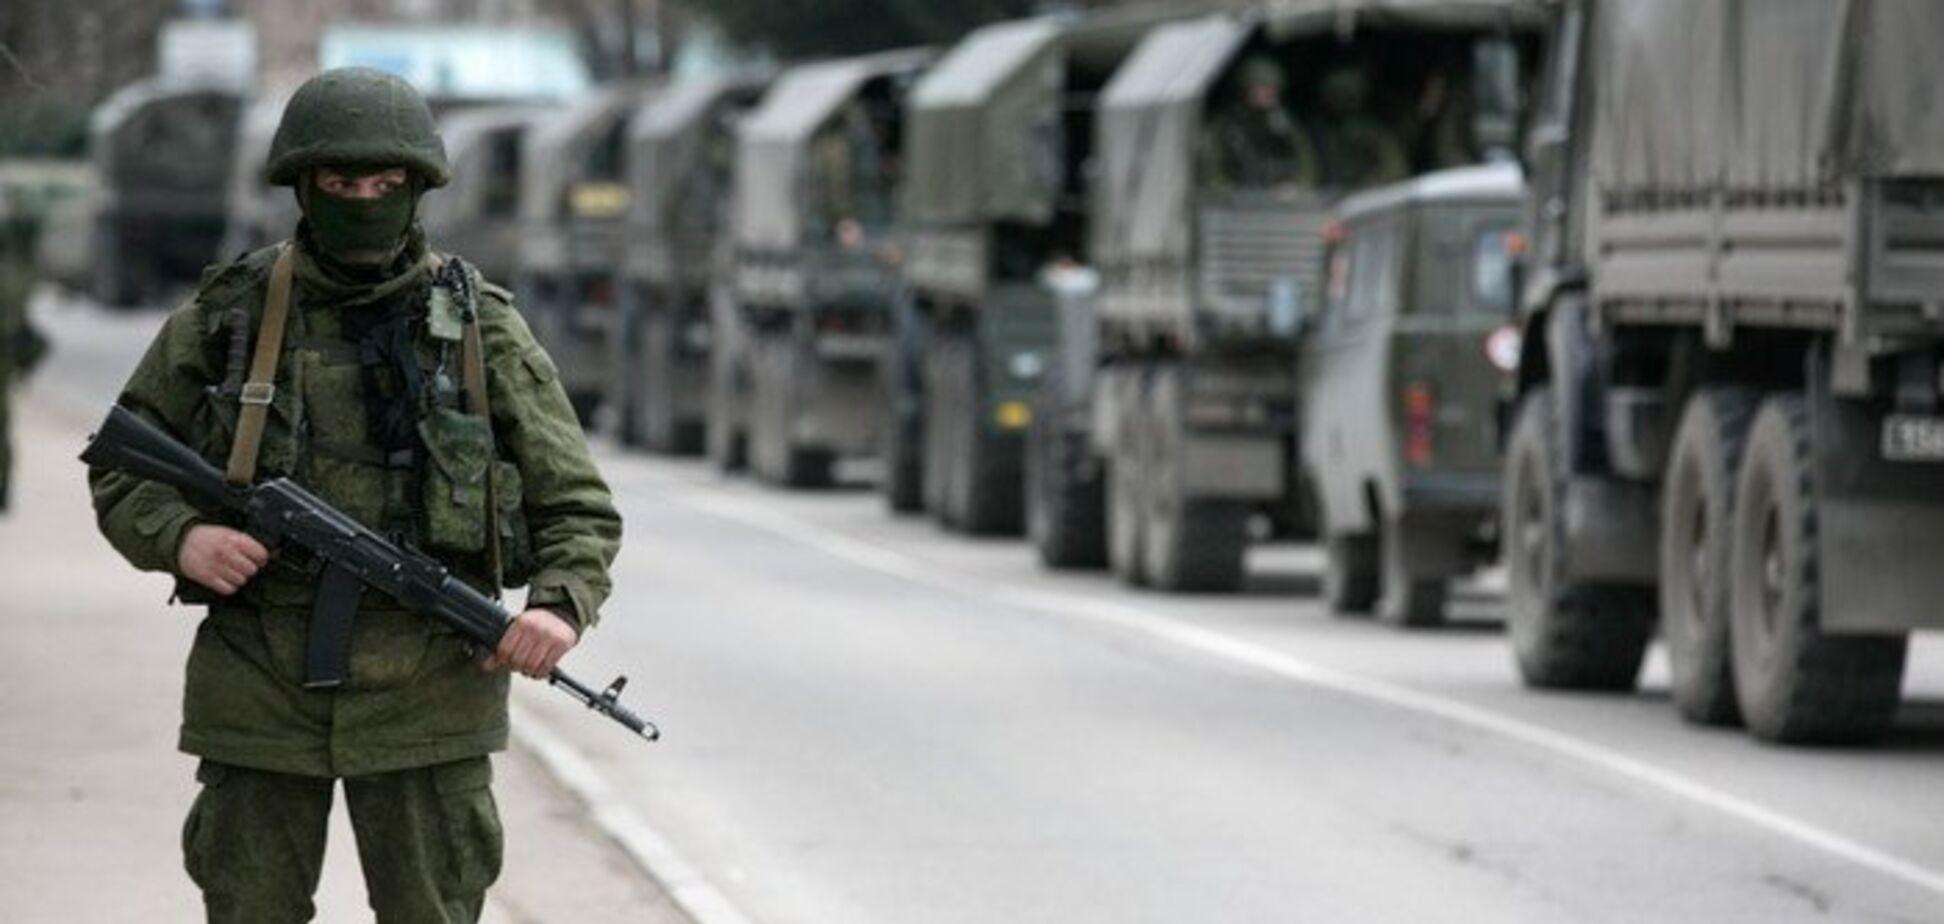 ''РФ рассказывала сказки'': блогер объяснила, во что оккупанты превратили Крым